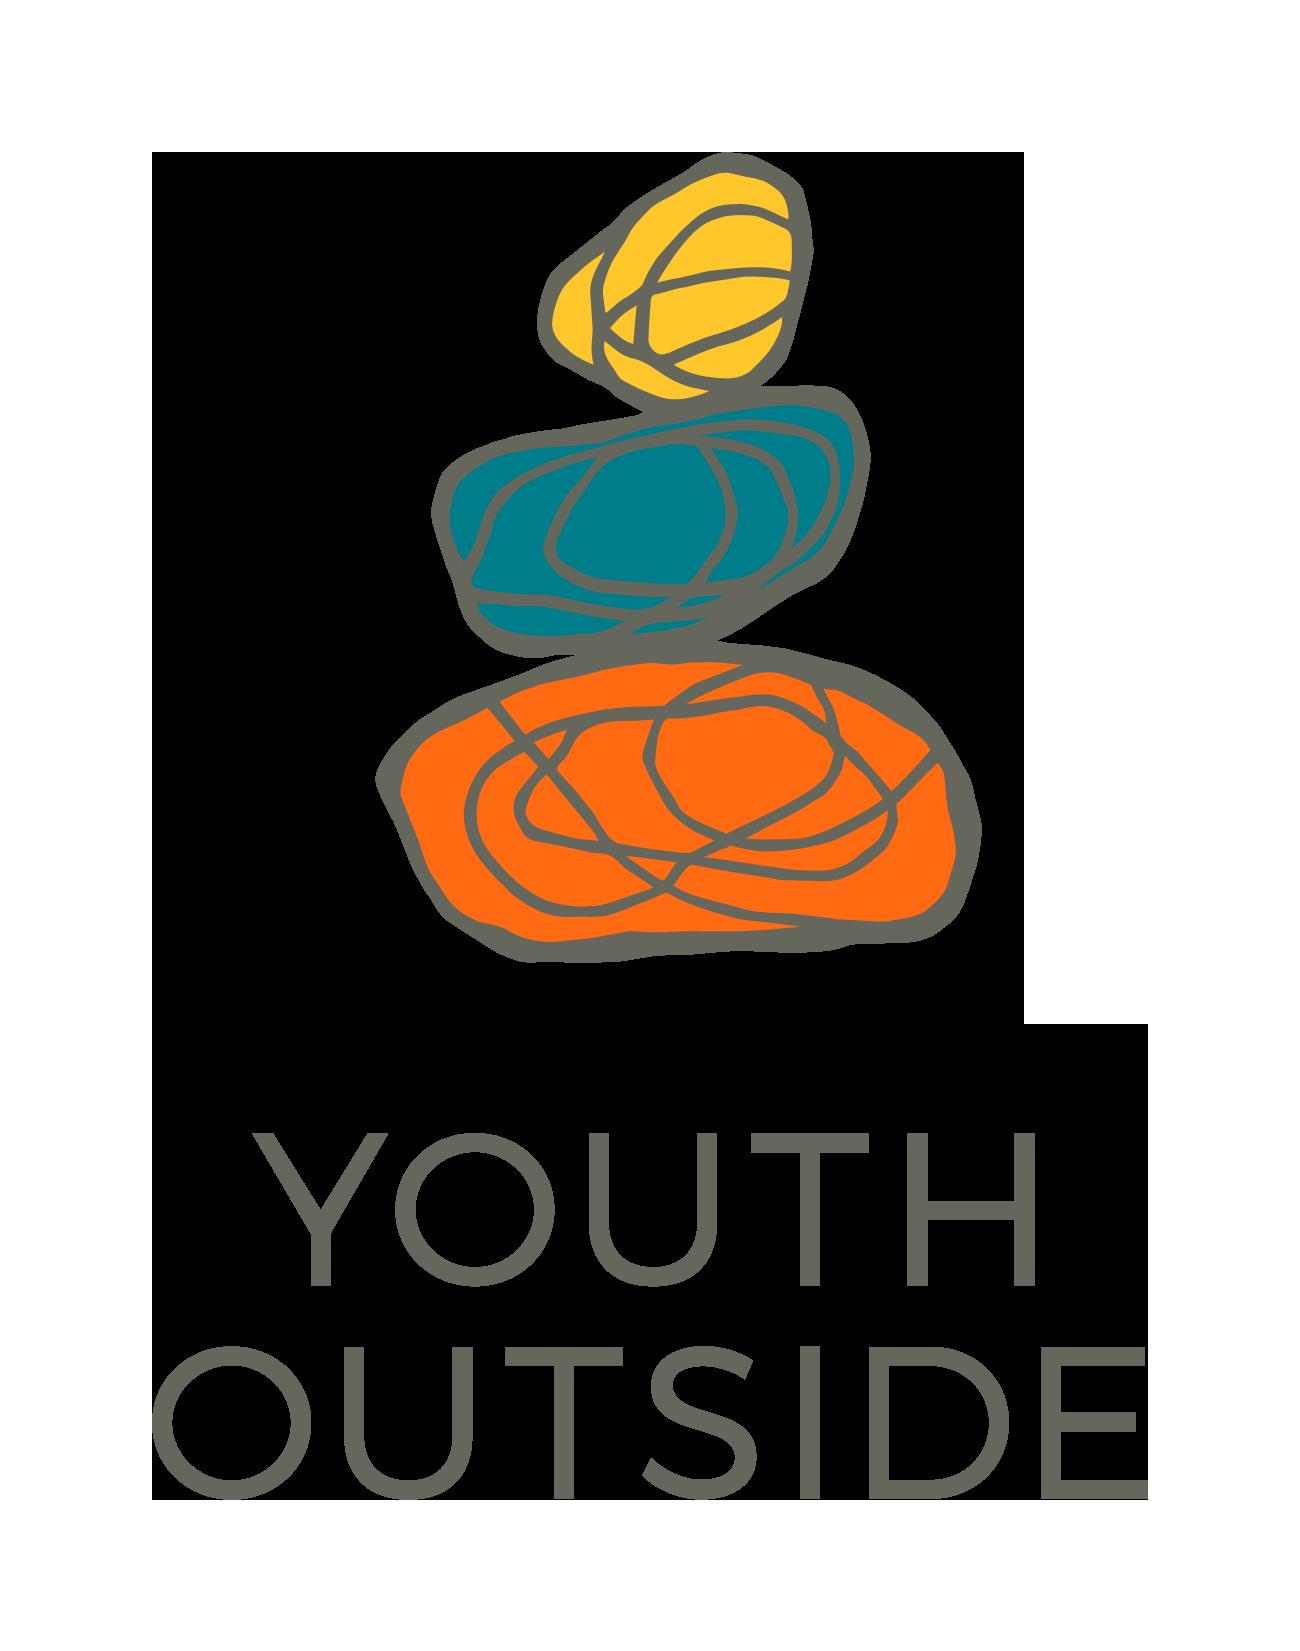 Youth Outside logo